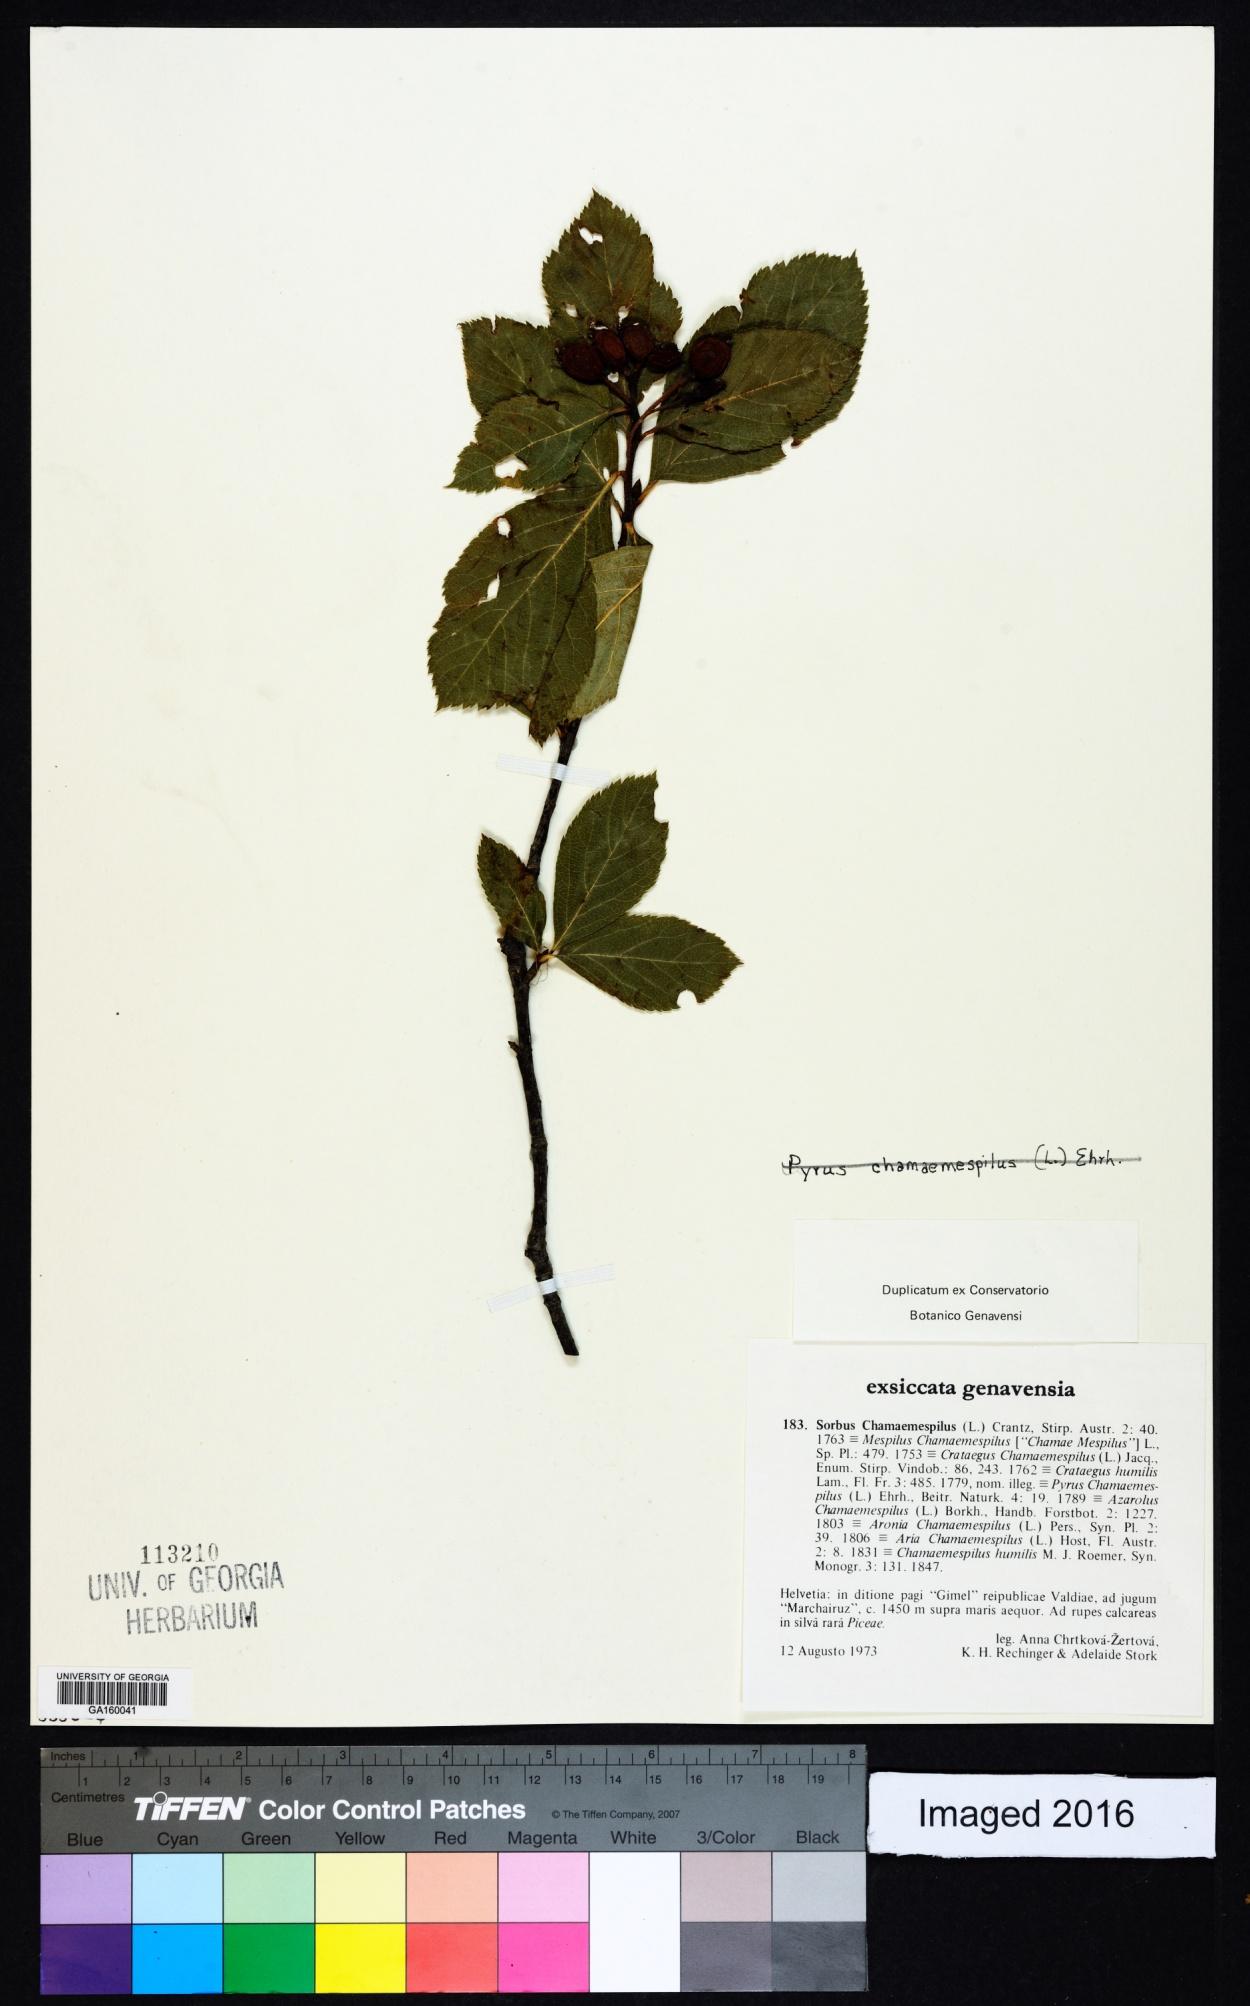 Sorbus chamaemespilus image